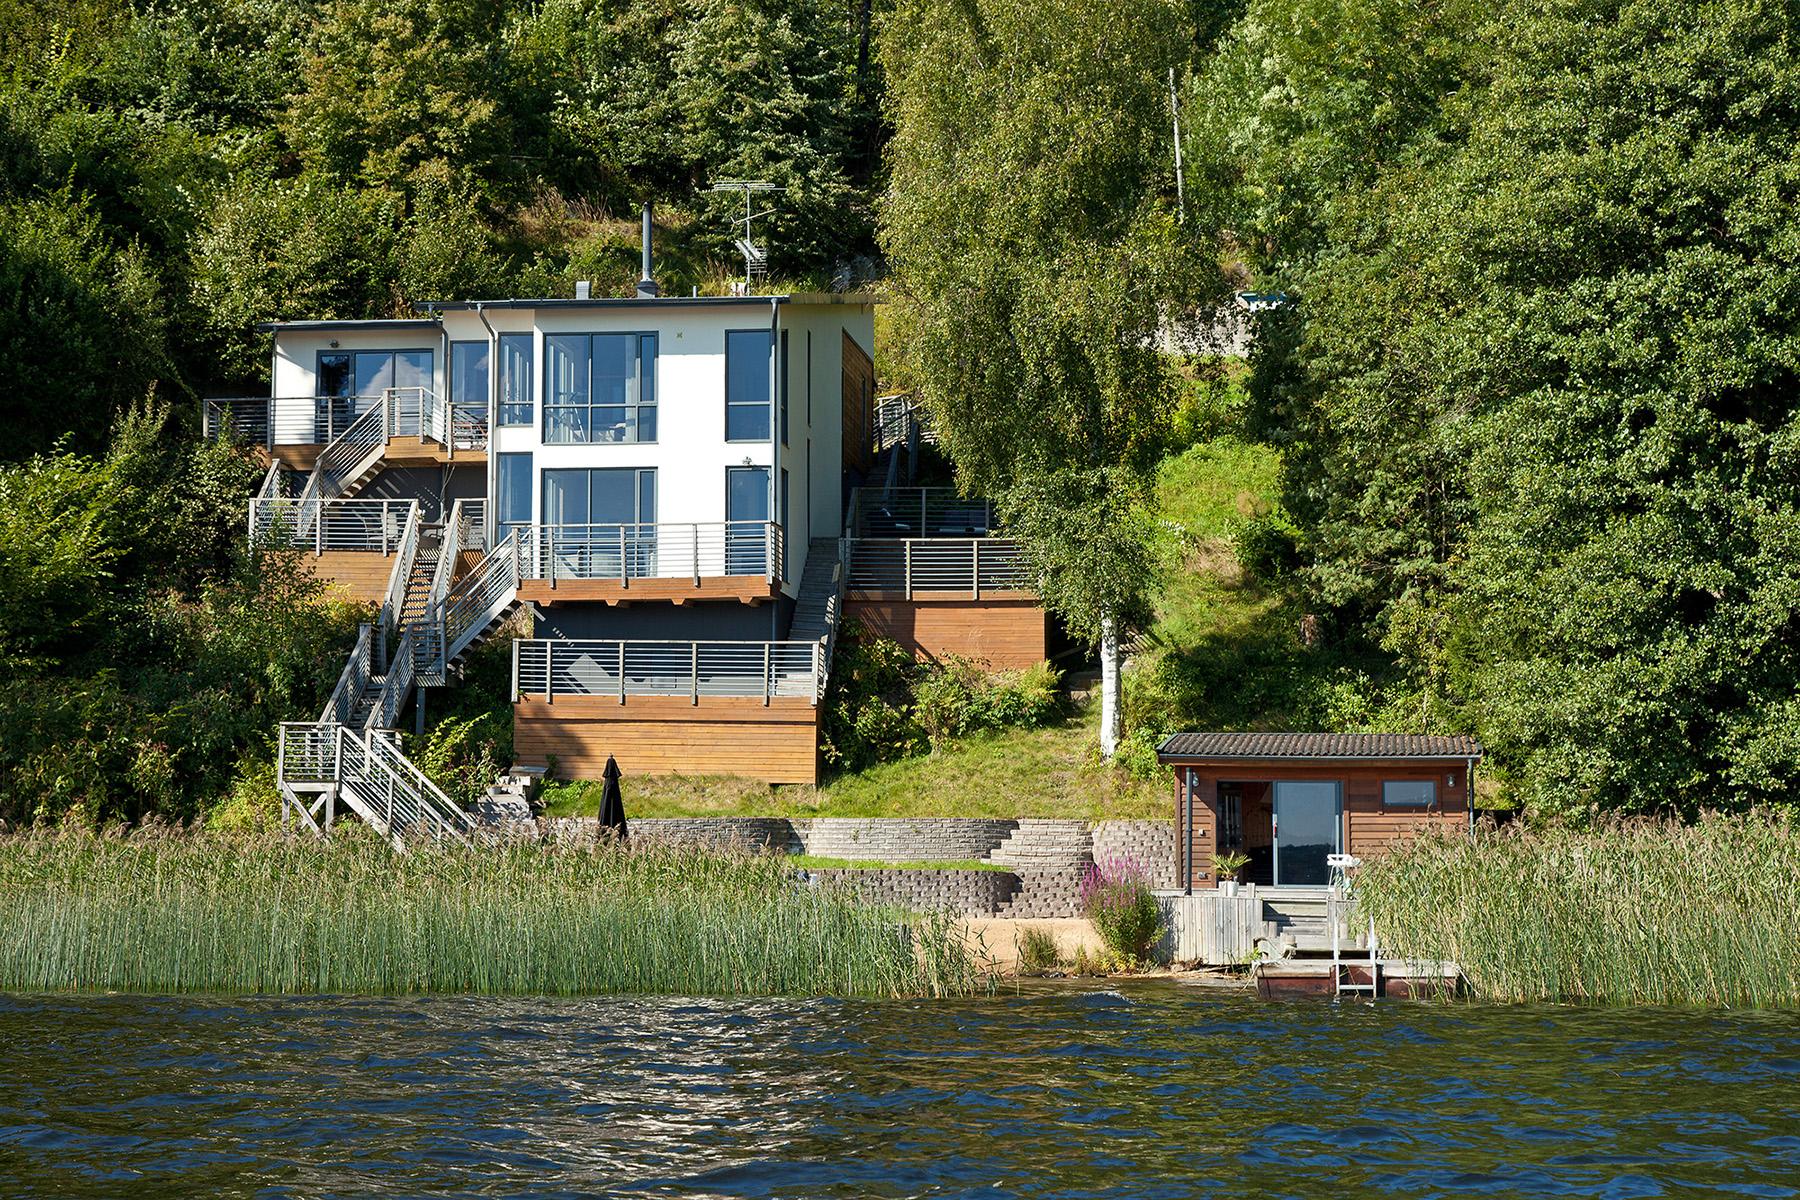 Einfamilienhaus für Verkauf beim Right on waters edge Goråsvägen 30 Other Vastra Gotaland, Vastra Gotaland, 44391 Schweden